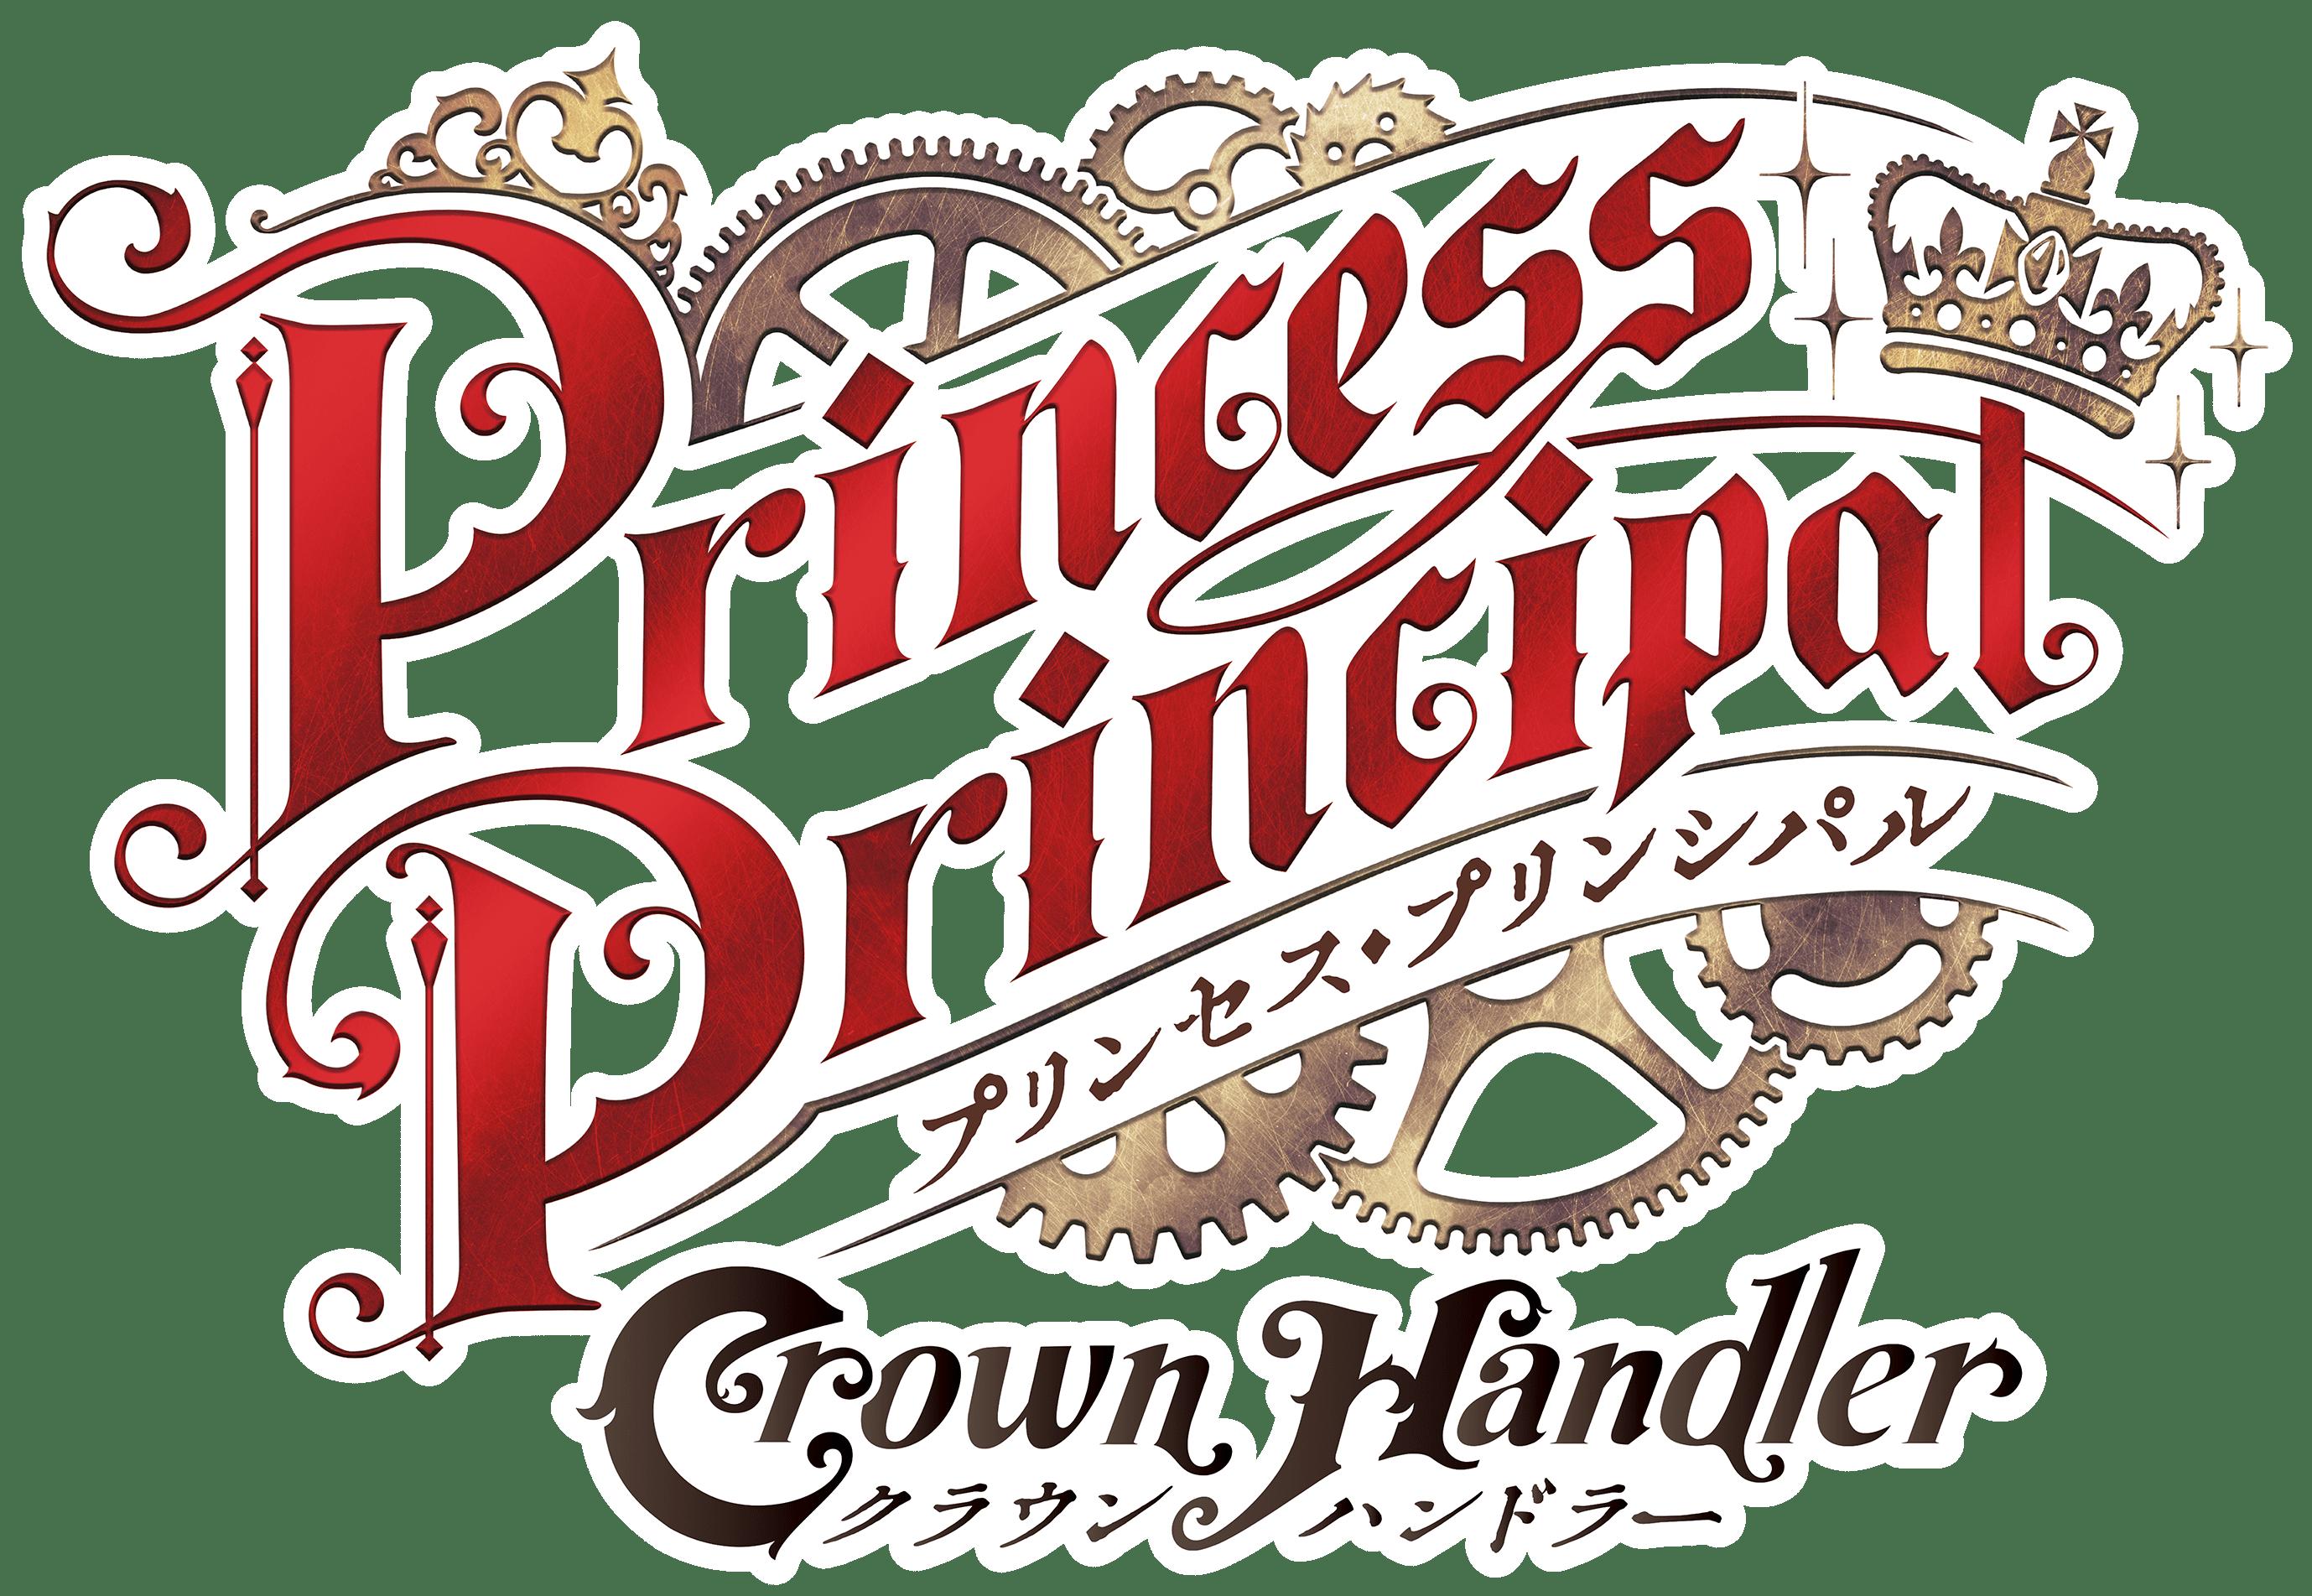 『プリンセス・プリンシパル Crown Handler』× Void_Chords Acoustic Live 開催決定!